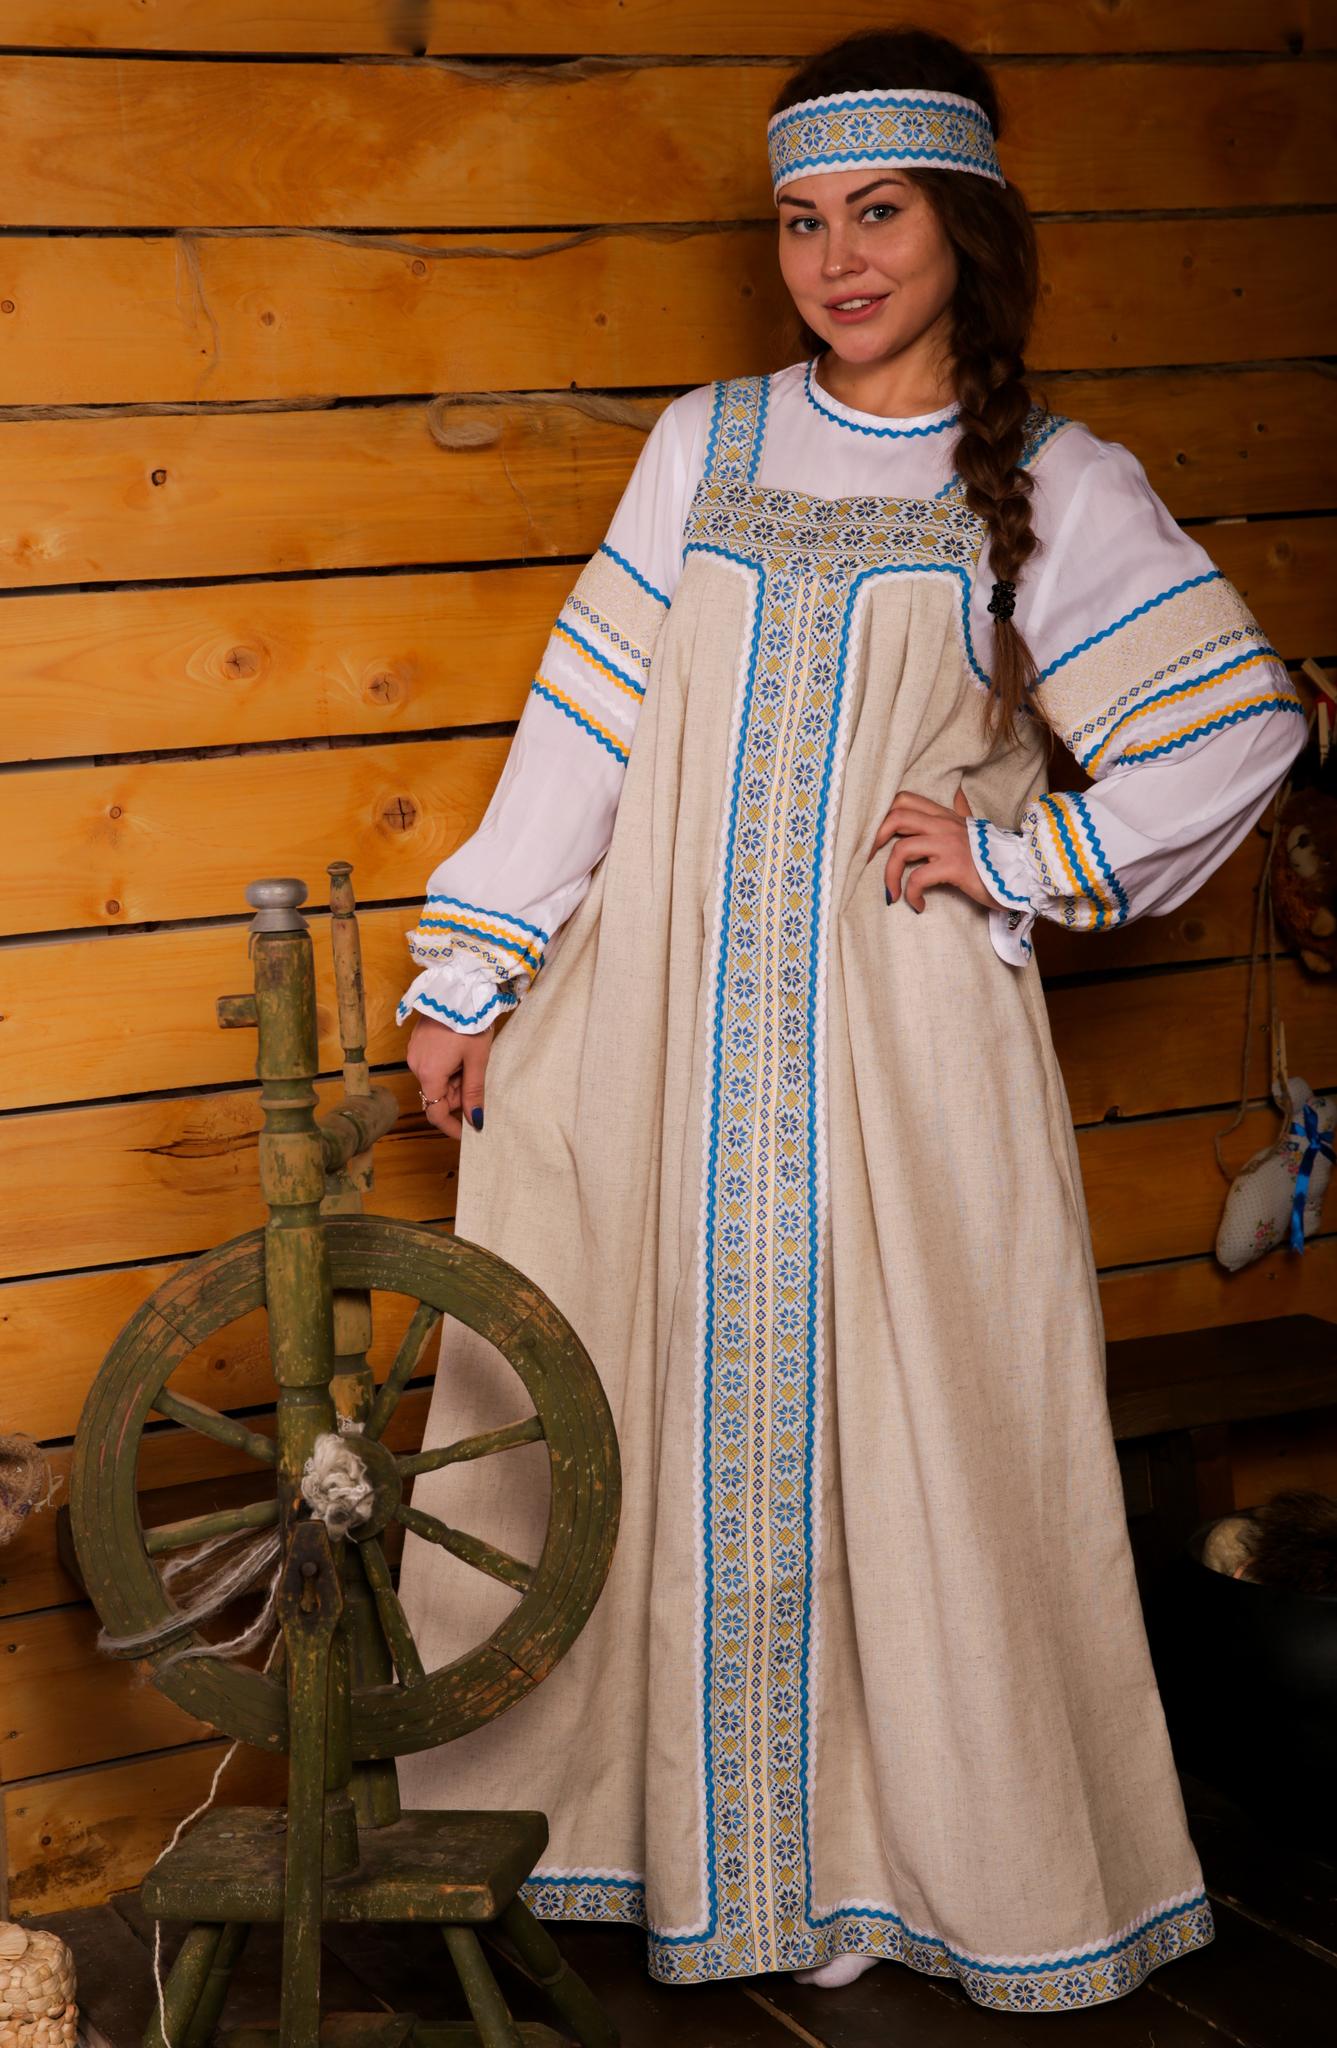 русский народный костюм Иванка от Костюм Шоу